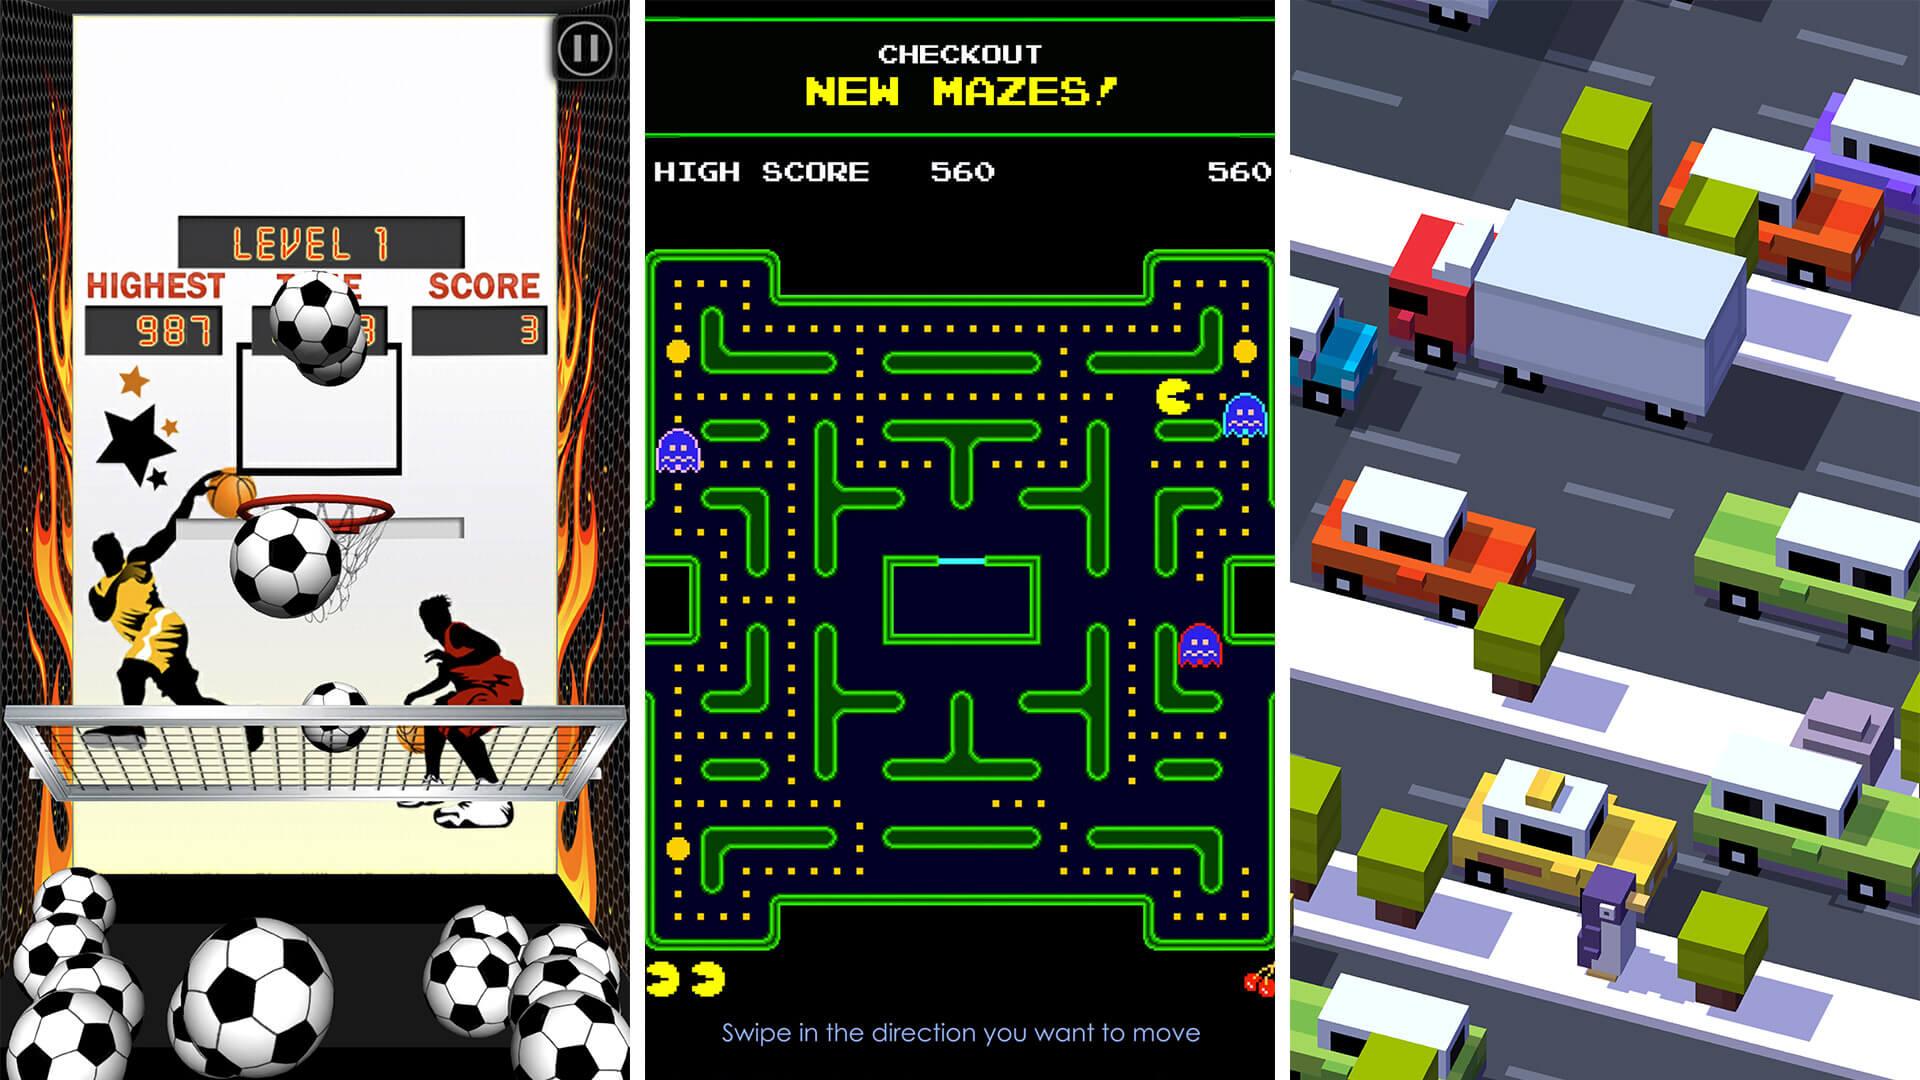 Meilleurs jeux d'arcade pour iPhone et iPad en 2020